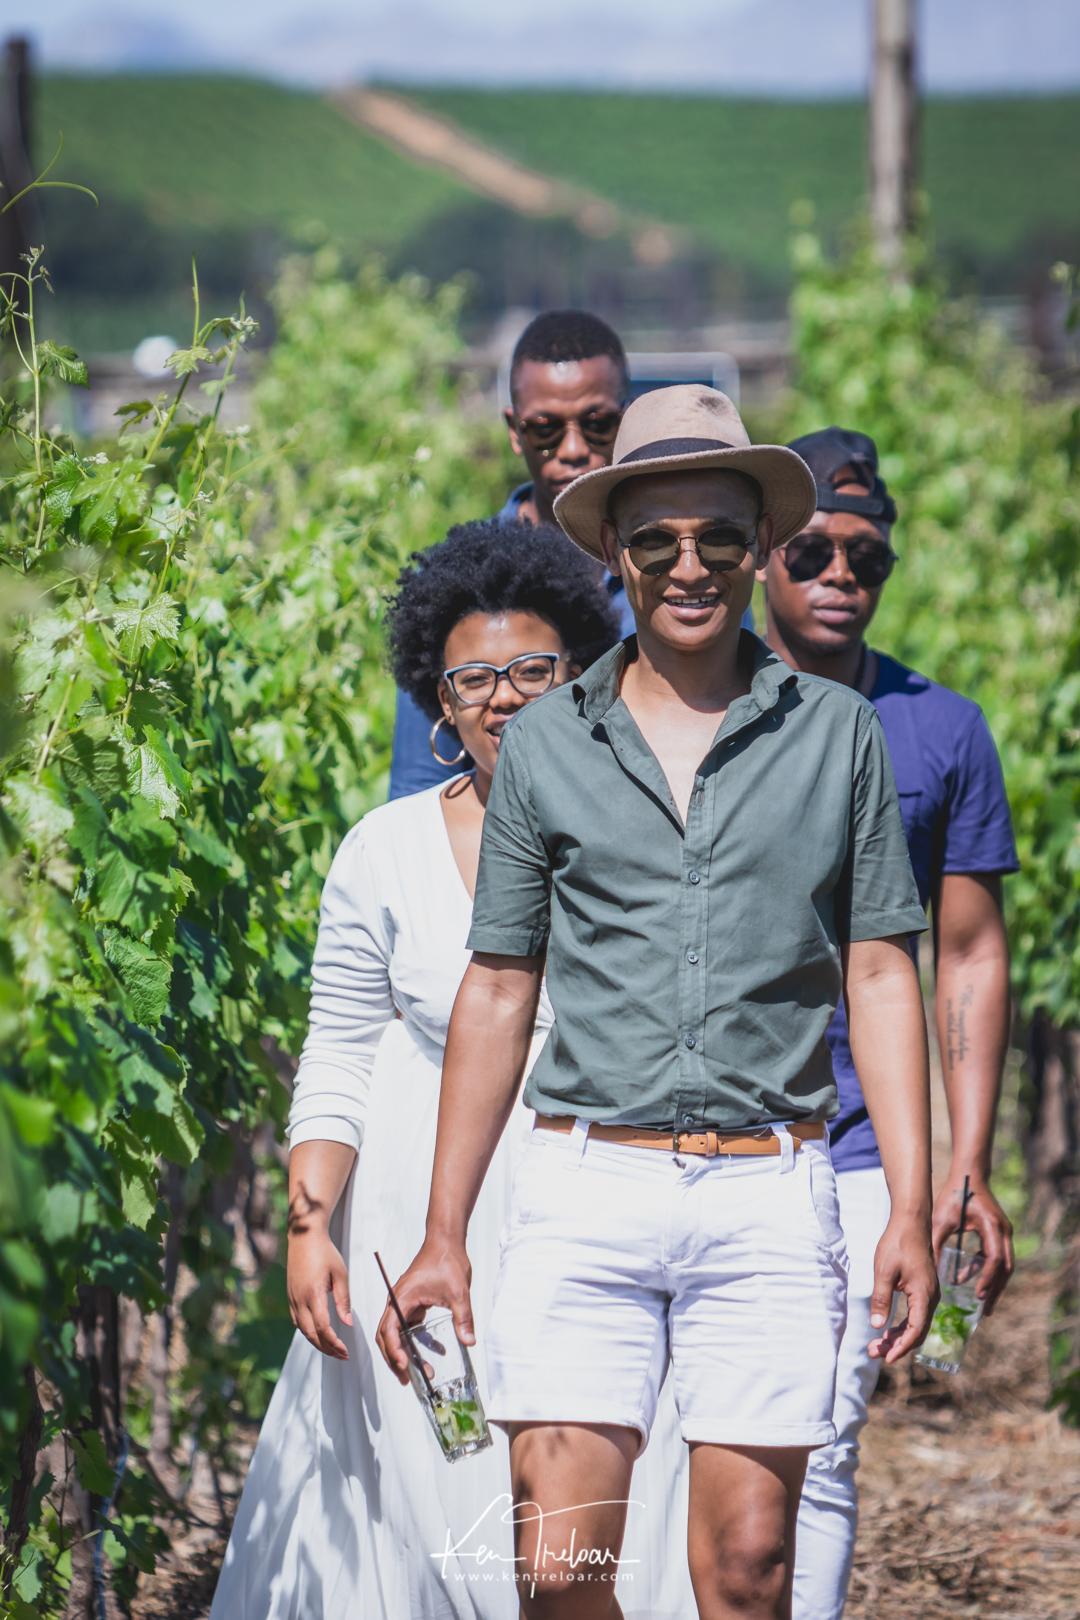 Ken Treloar Photography - Stellenbosch Brennaisance Best Friends photoshoot Cape Town B2-10.jpg